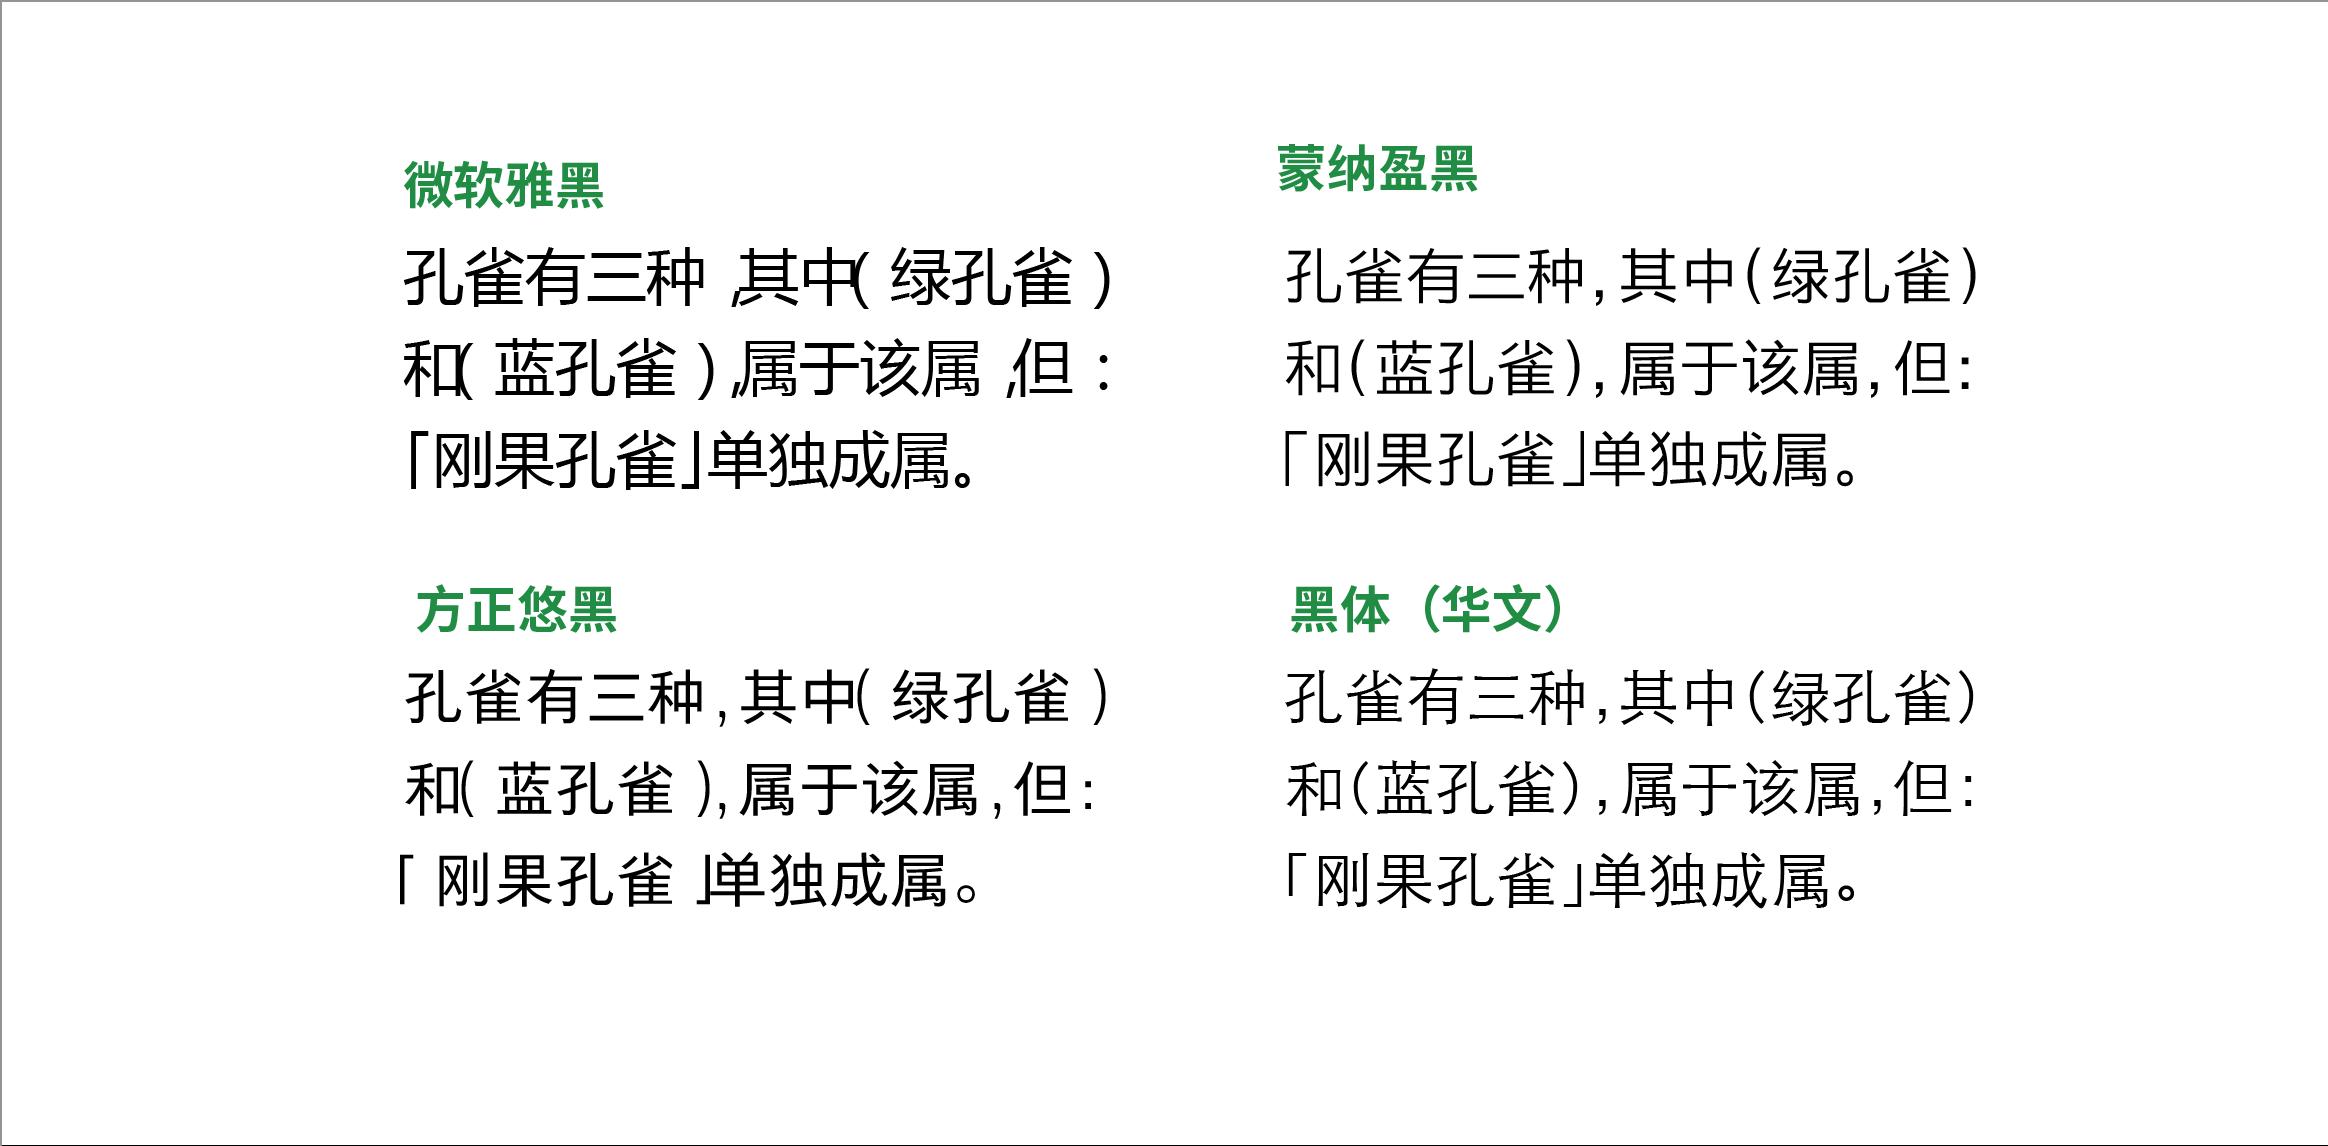 biaodianweizhi1